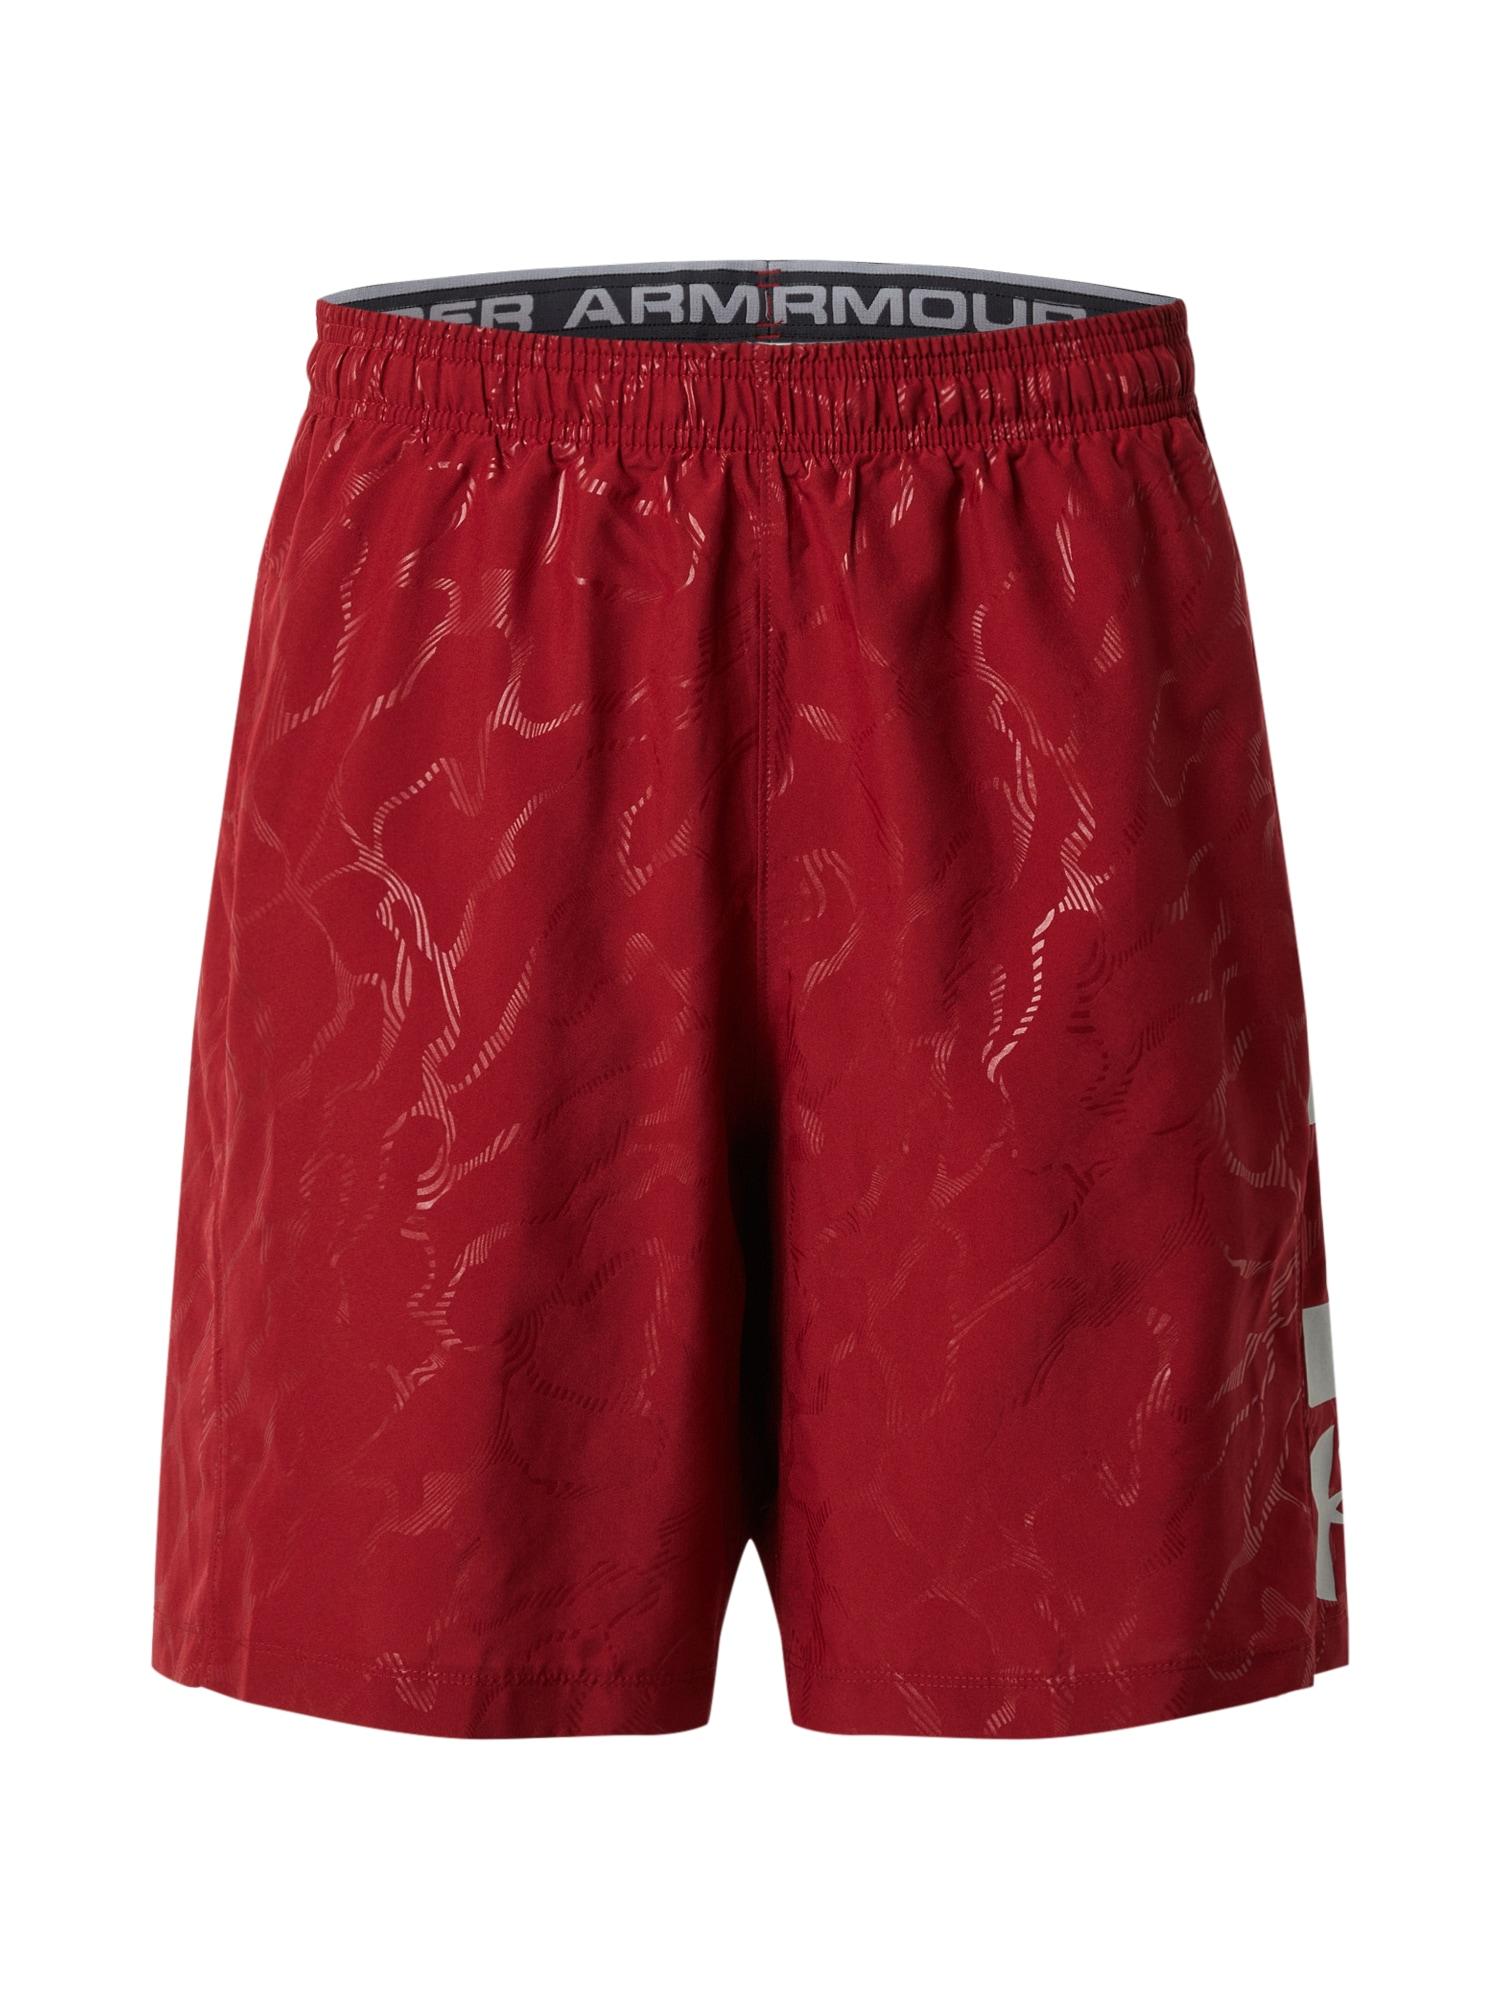 UNDER ARMOUR Sportinės kelnės raudona / vyno raudona spalva